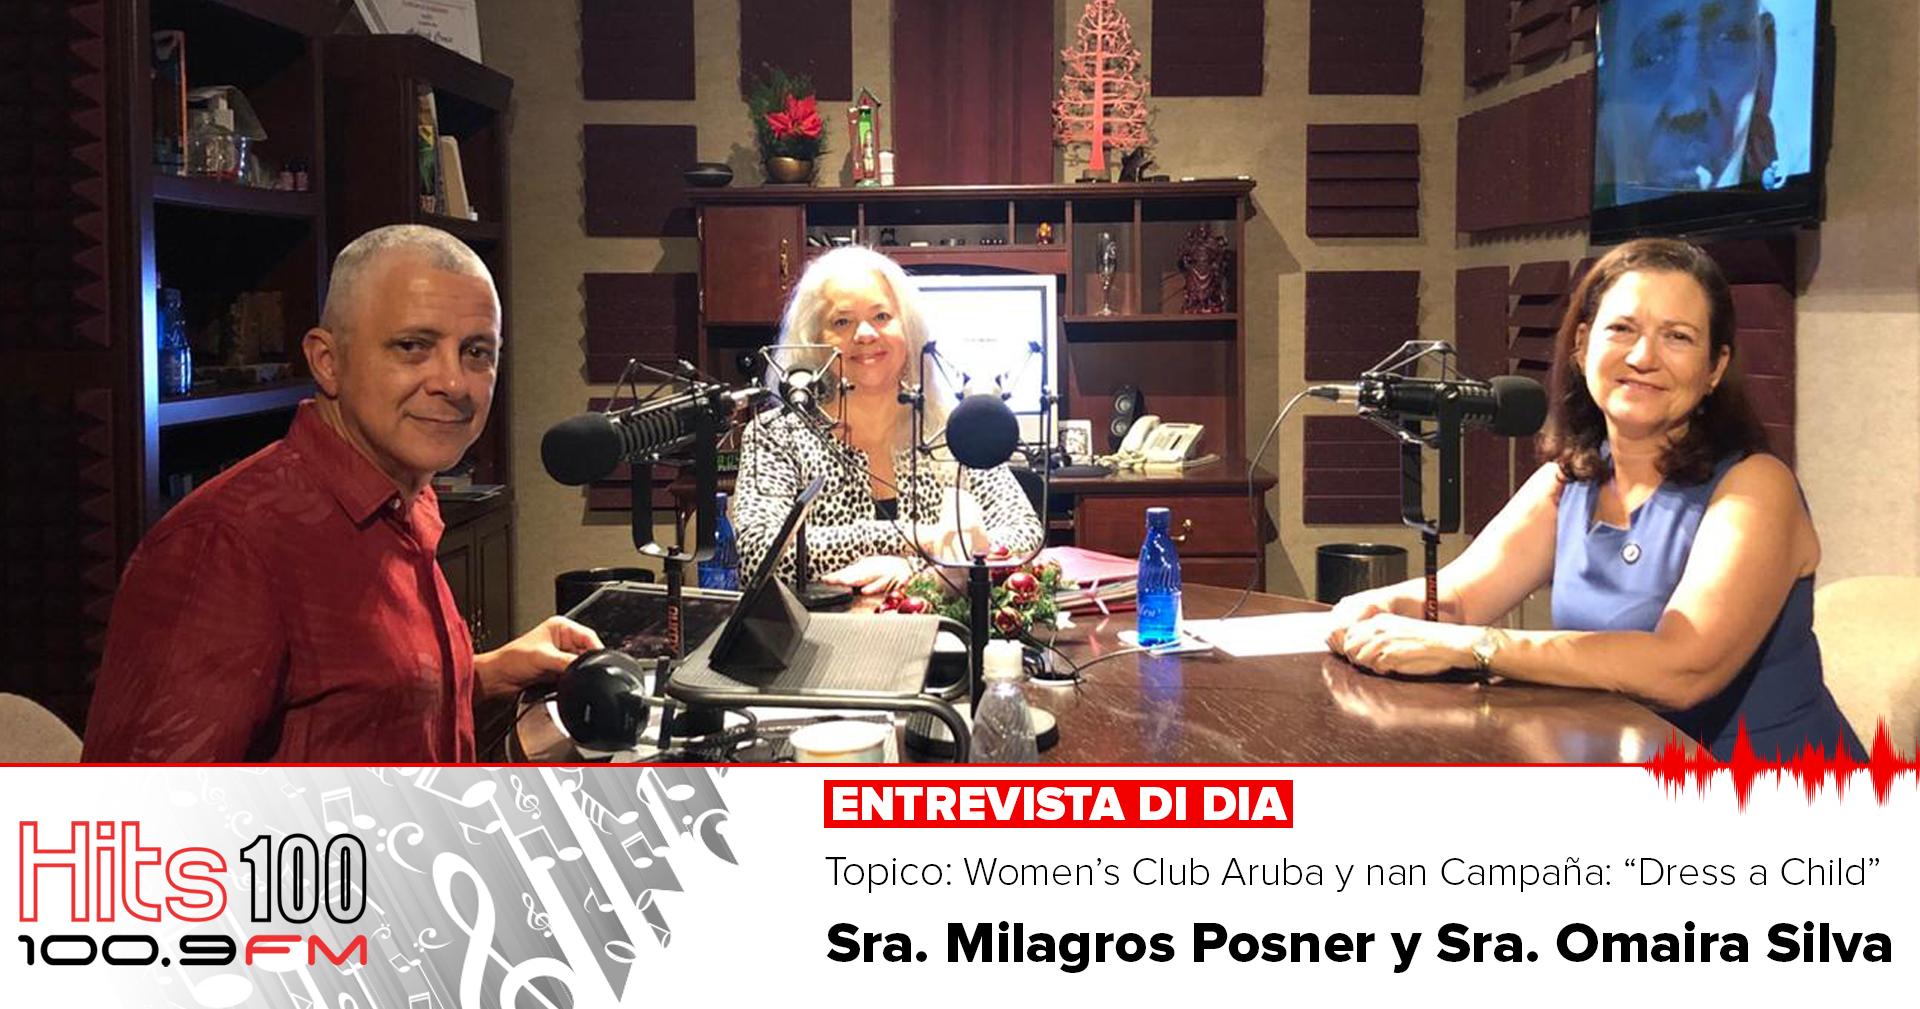 Hits-Entrevista-WCOA.jpg